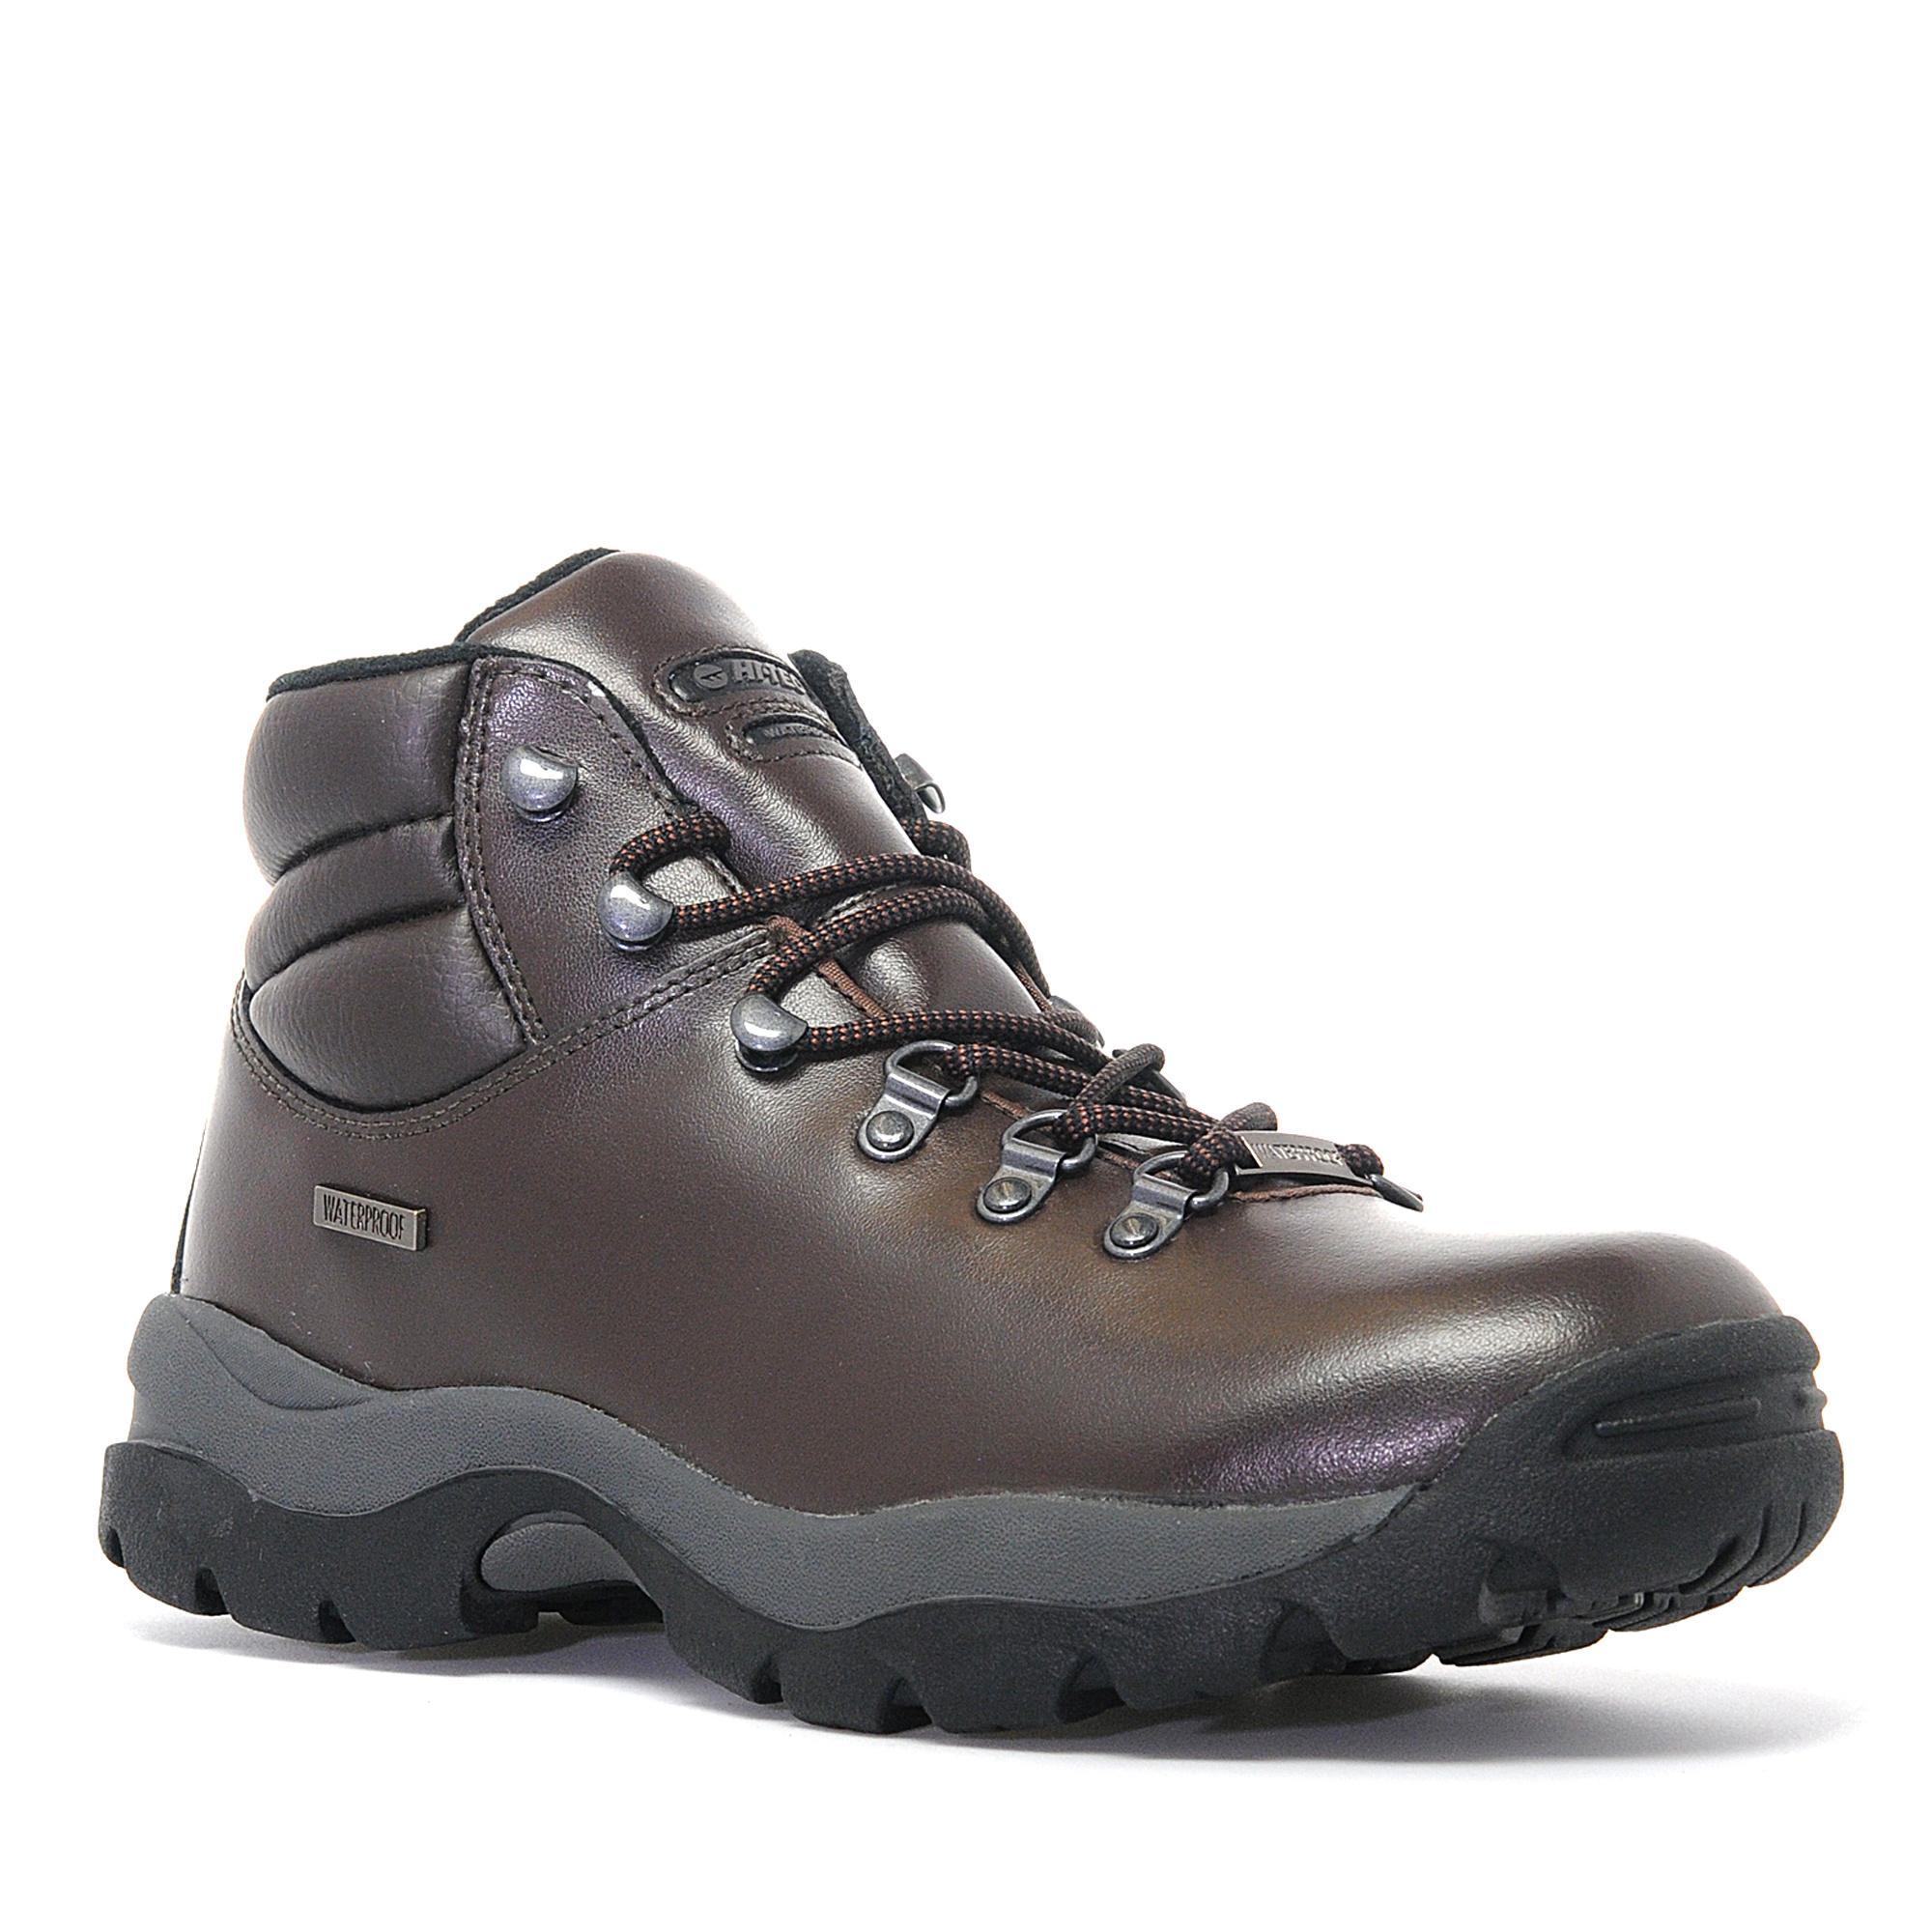 waterproof walking boots hi-tec menu0027s eurotrek waterproof hiking boot JNNWDLQ